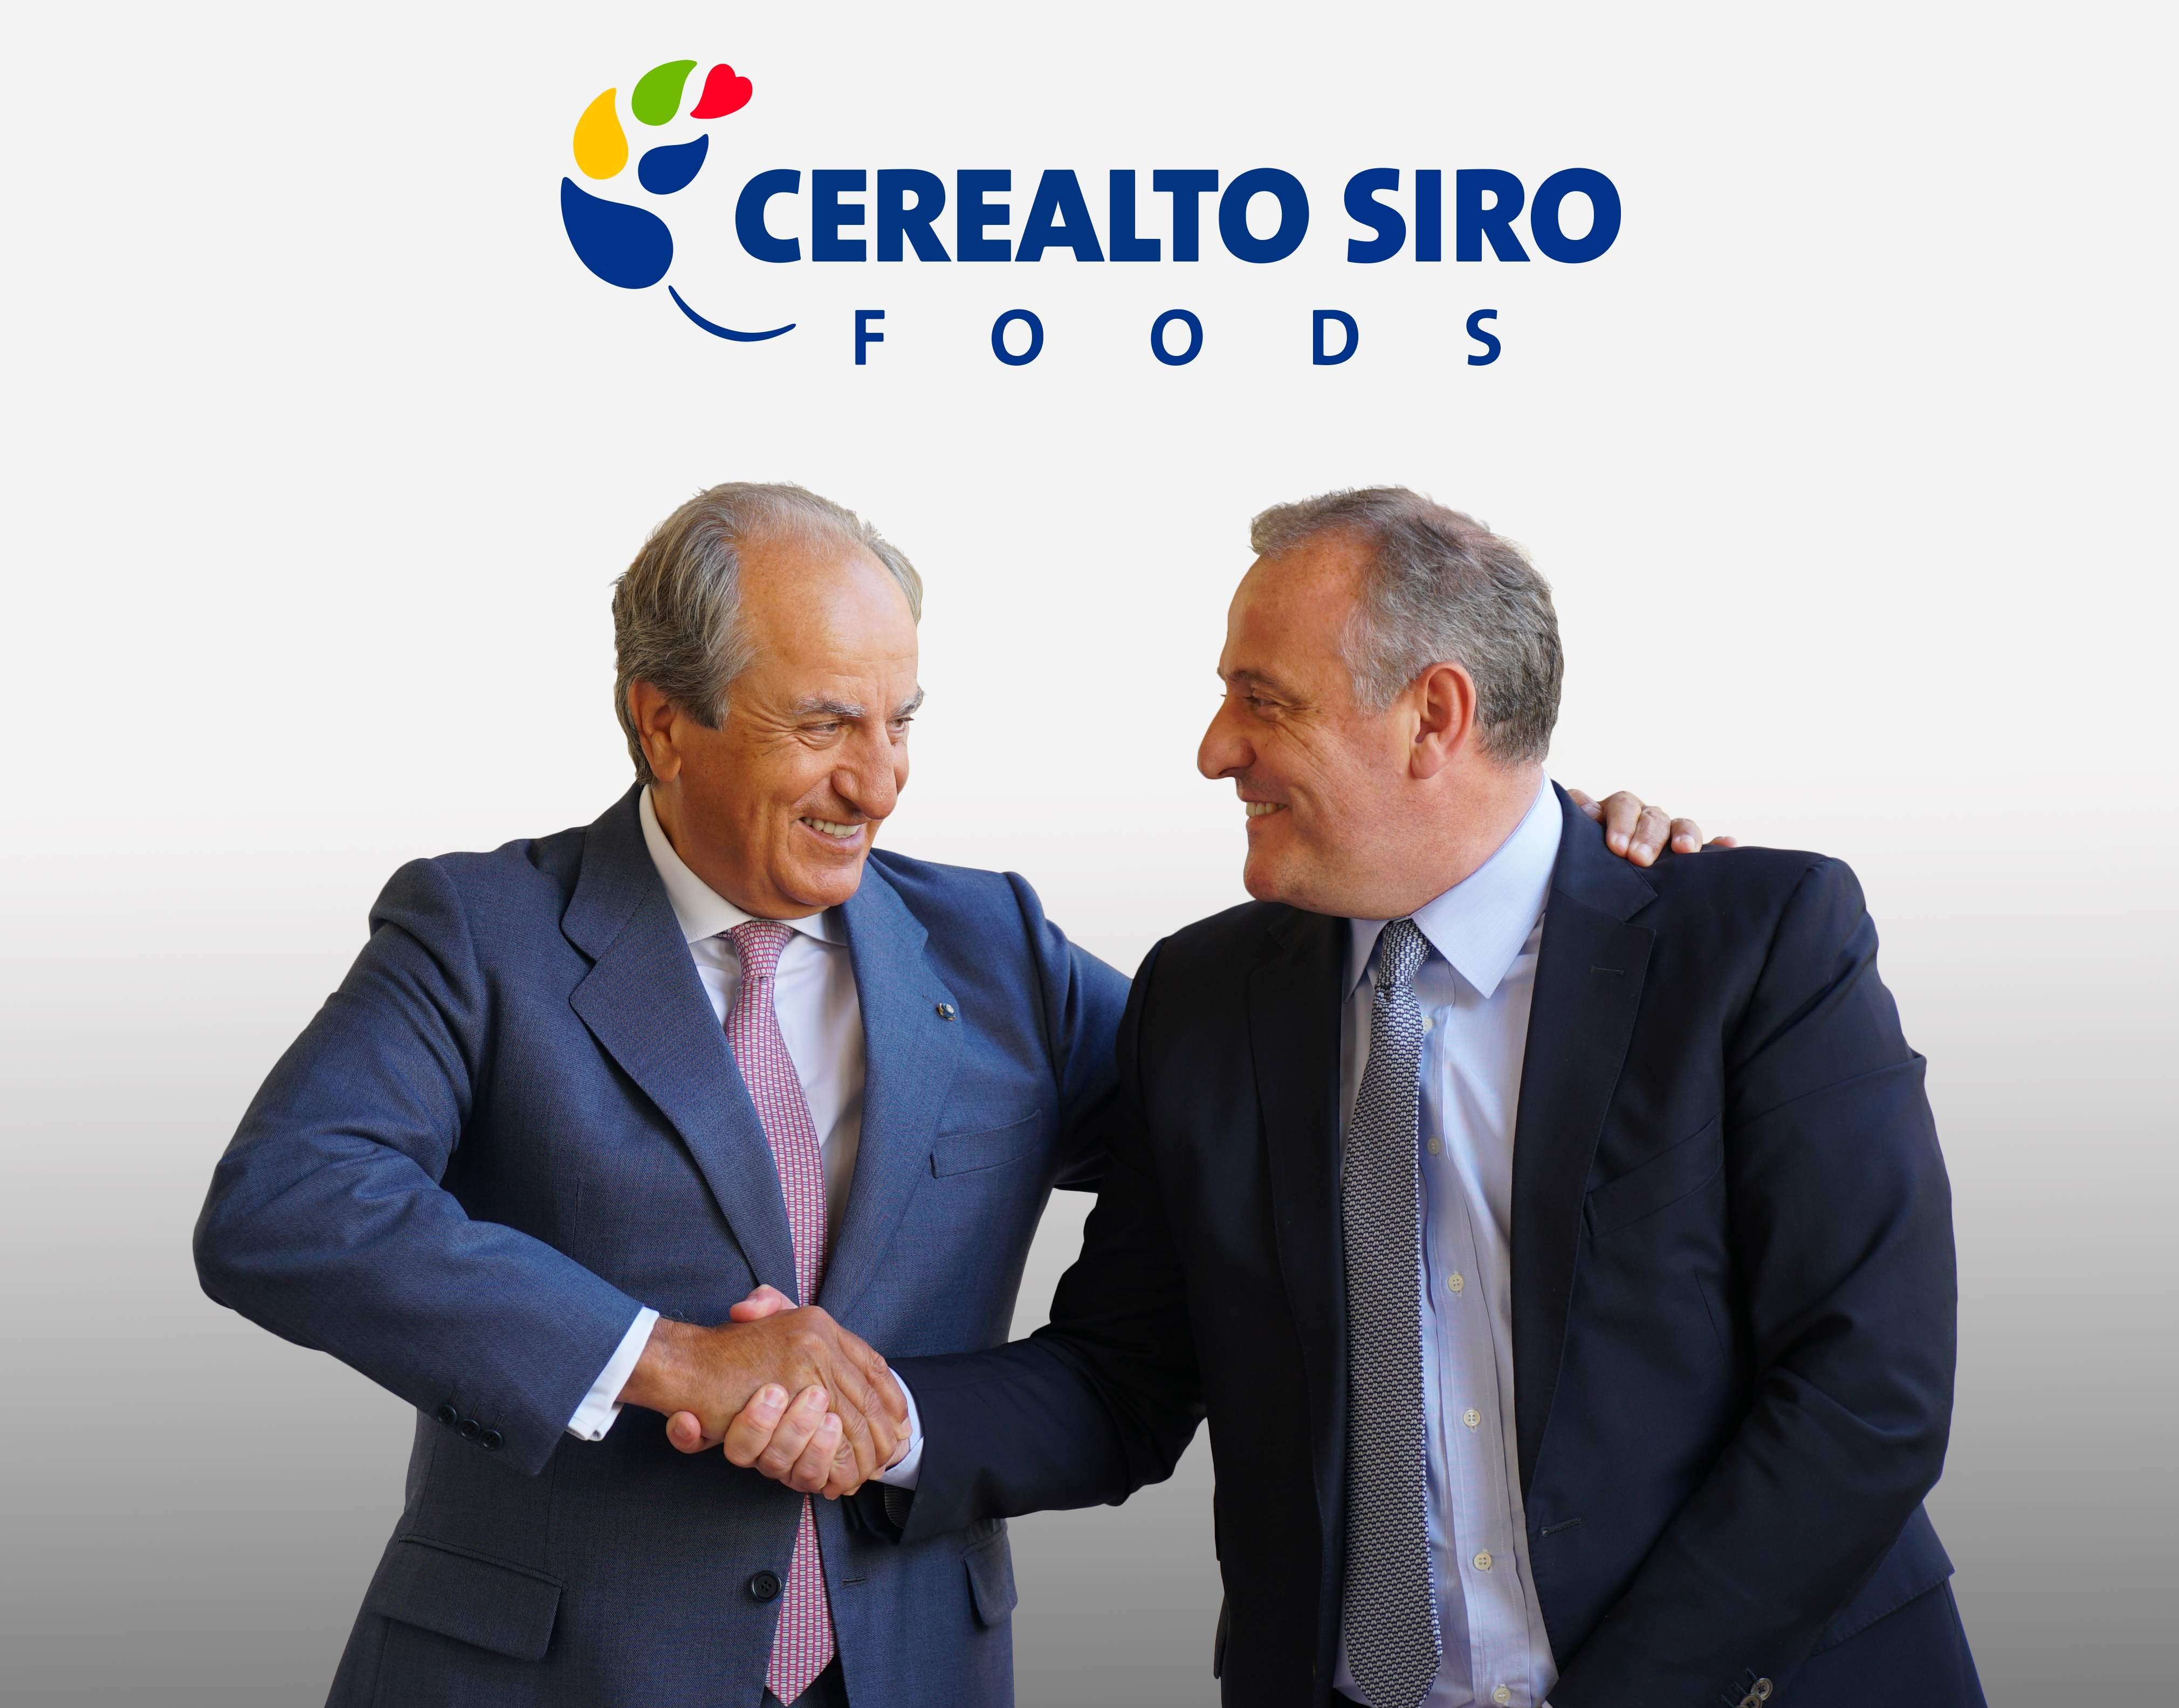 Siro se fusiona con cerealto para dar el salto for Serna v portales